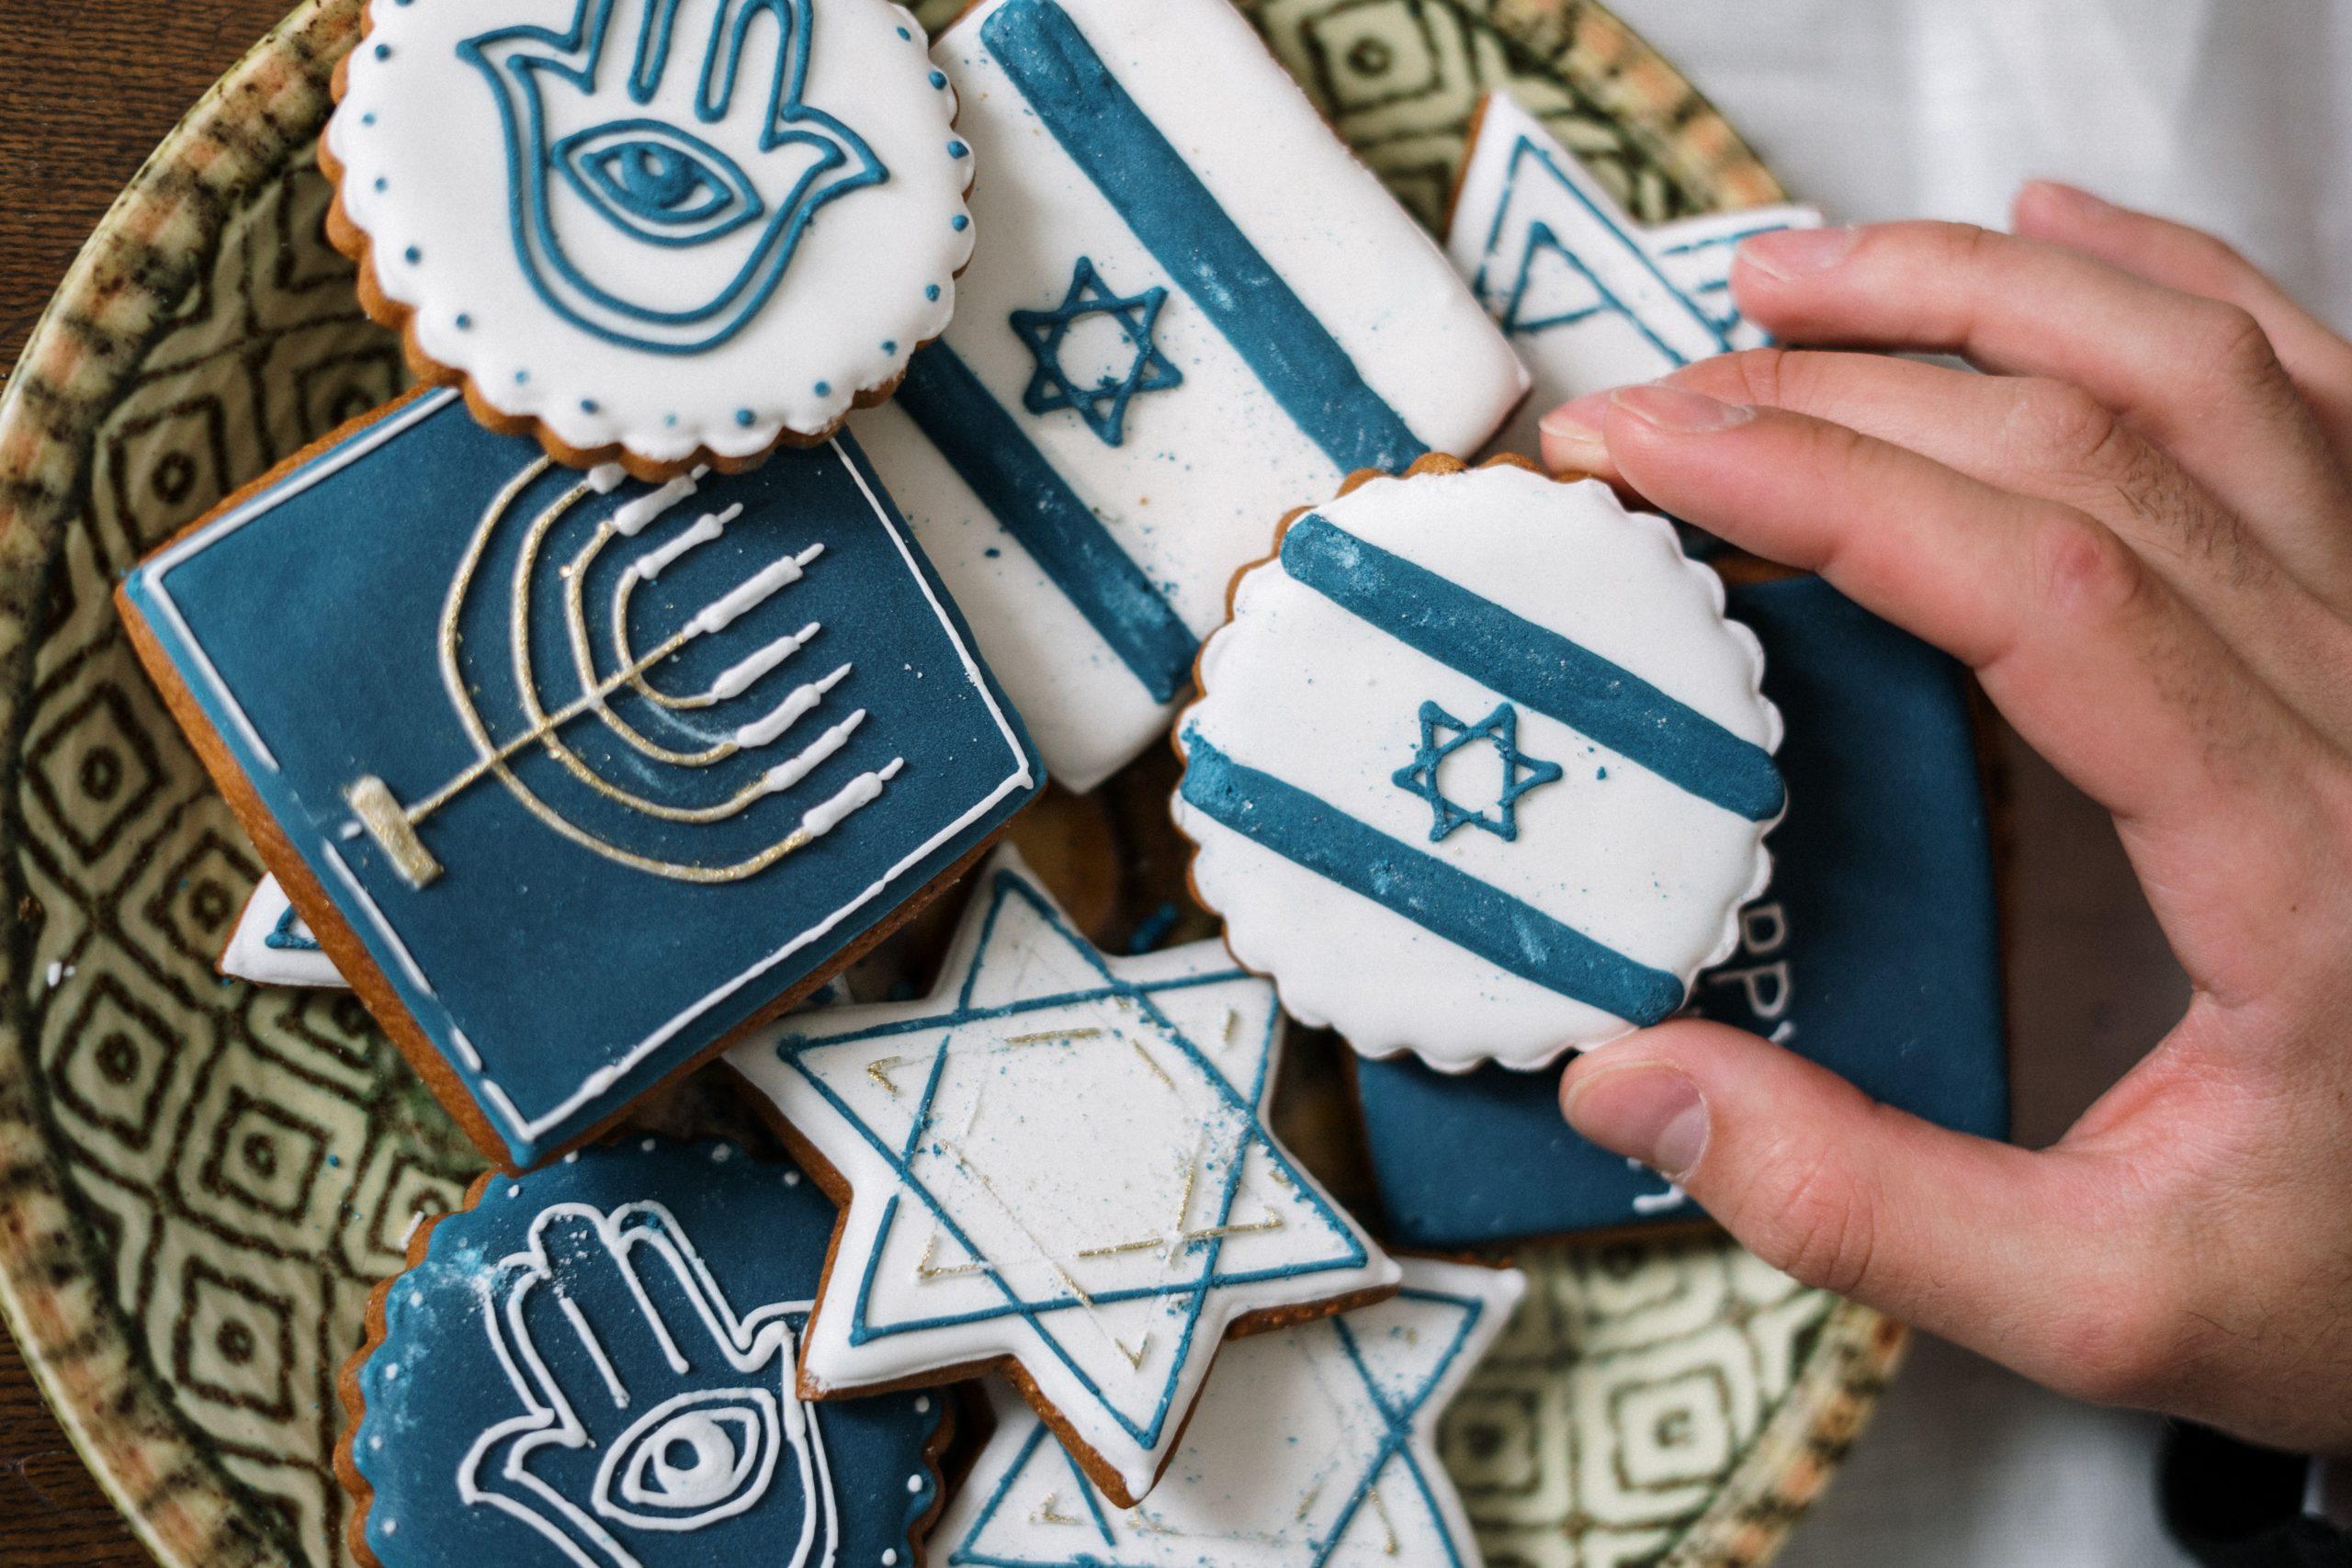 ZfL_LM_Digital gegen Antisemitismus